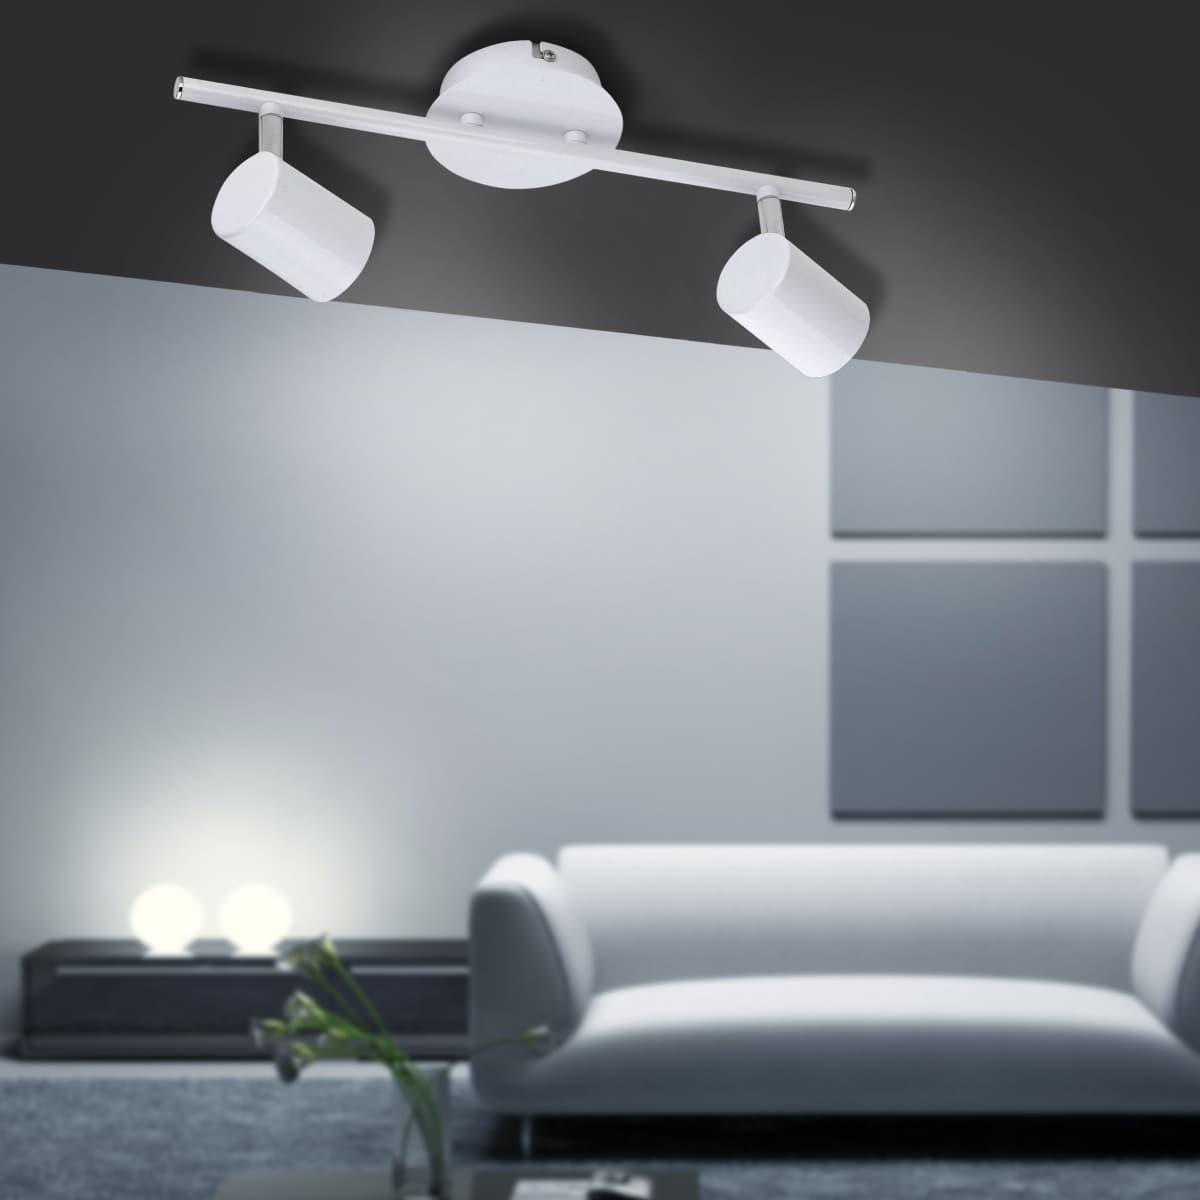 LED Deckenleuchte, weiß, Zylinder, drehbar